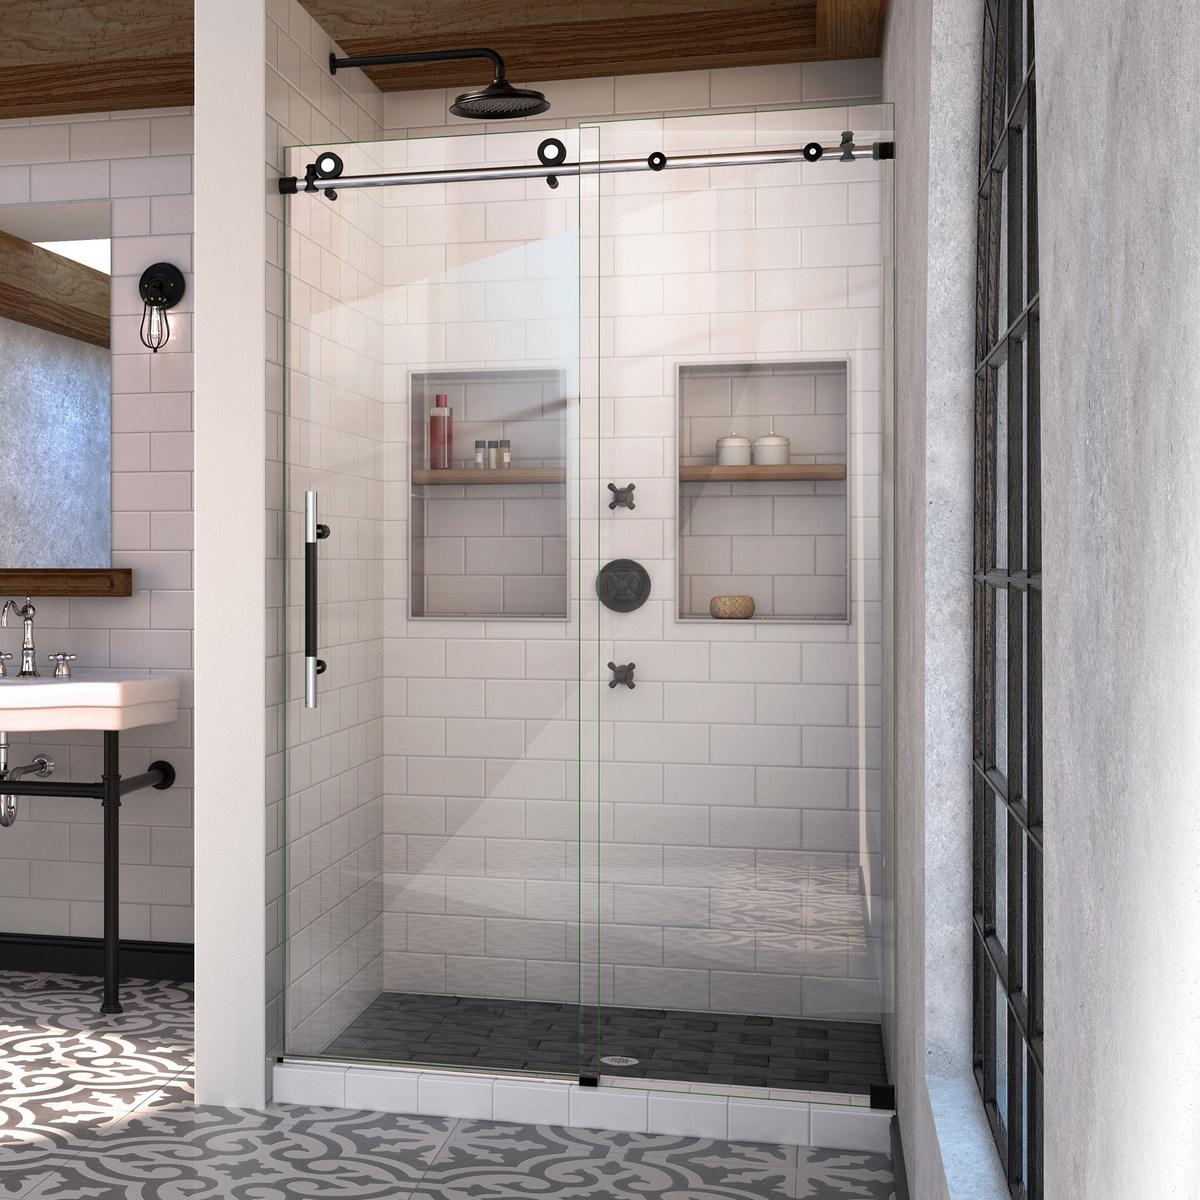 Dreamline Enigma Xt Fully Frameless Sliding Shower Door Tuxedo Finish